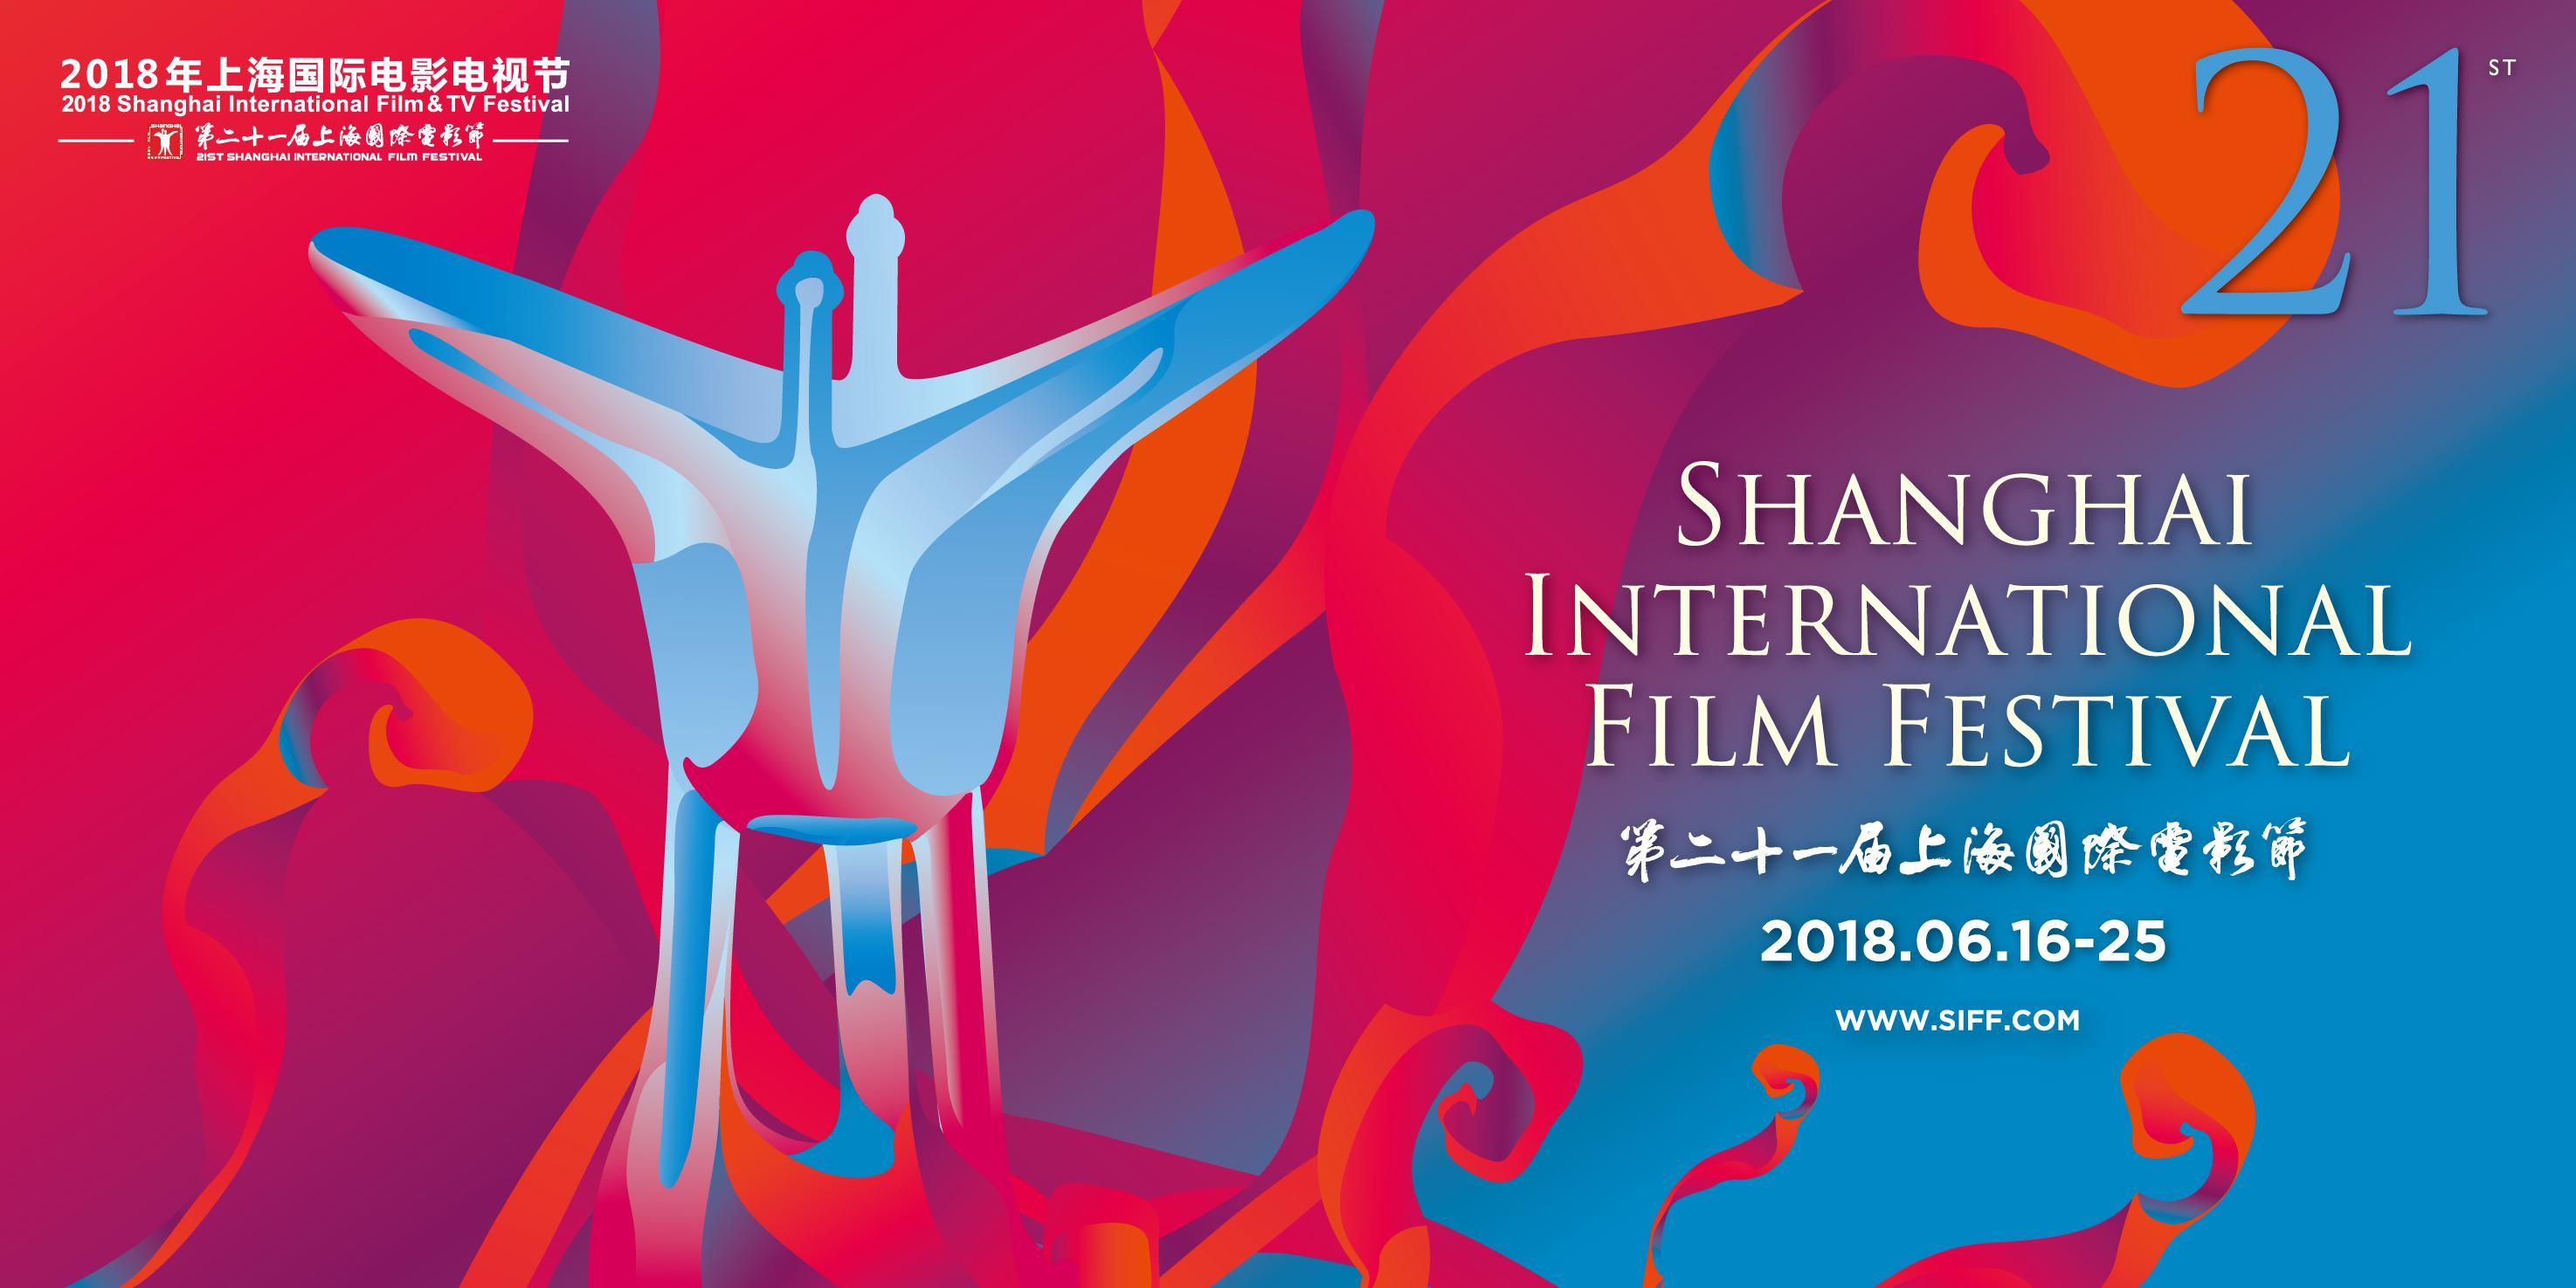 第二十一届上海国际影戏节海报横板